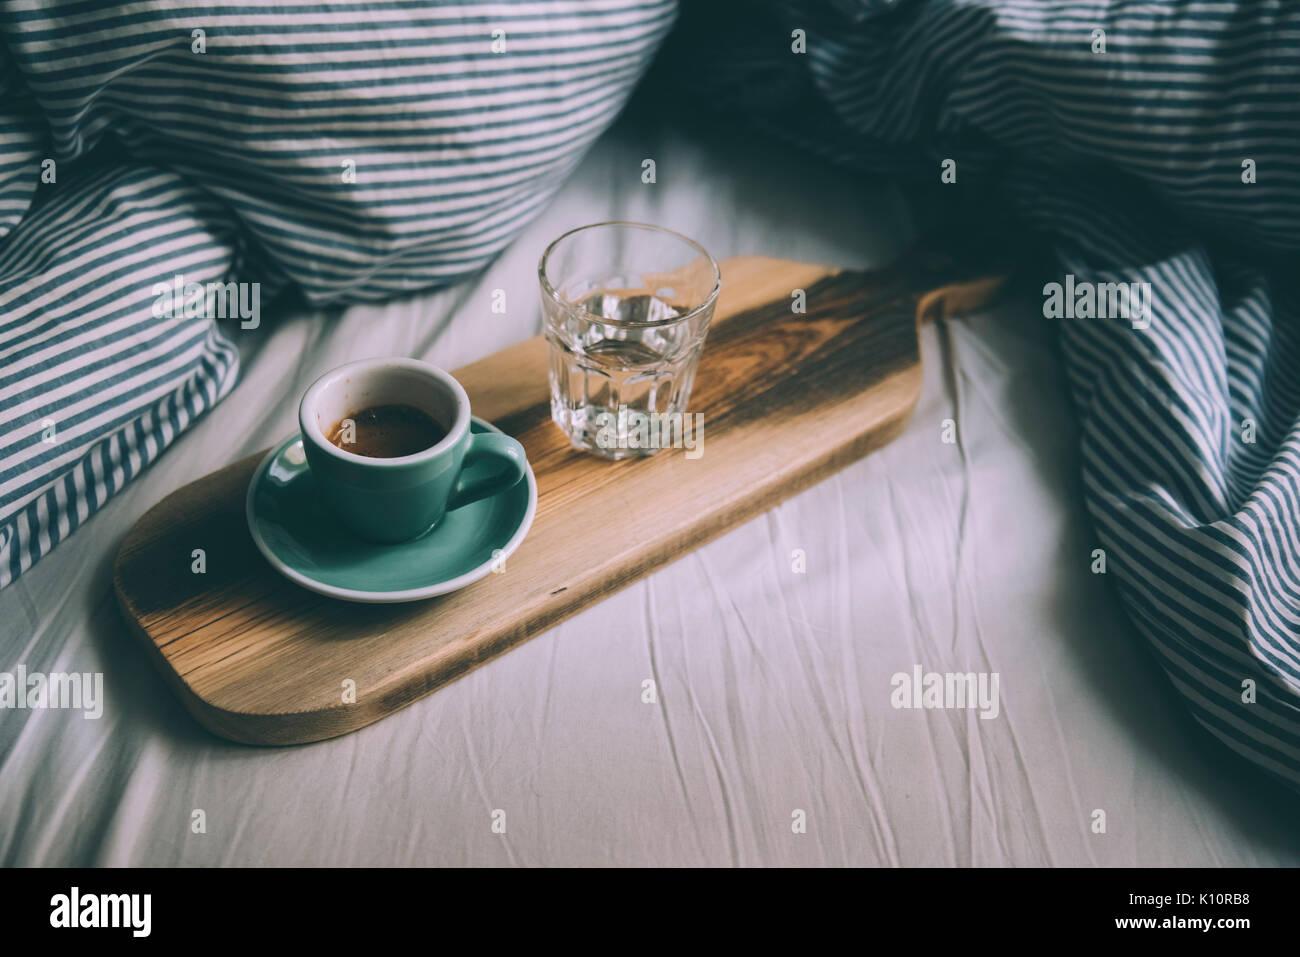 Hermosa mañana trabajando en la cama essentials: portátil y una fresca mañana café con crema tigre hermoso en un rústico de madera hechos a mano en bandeja Imagen De Stock